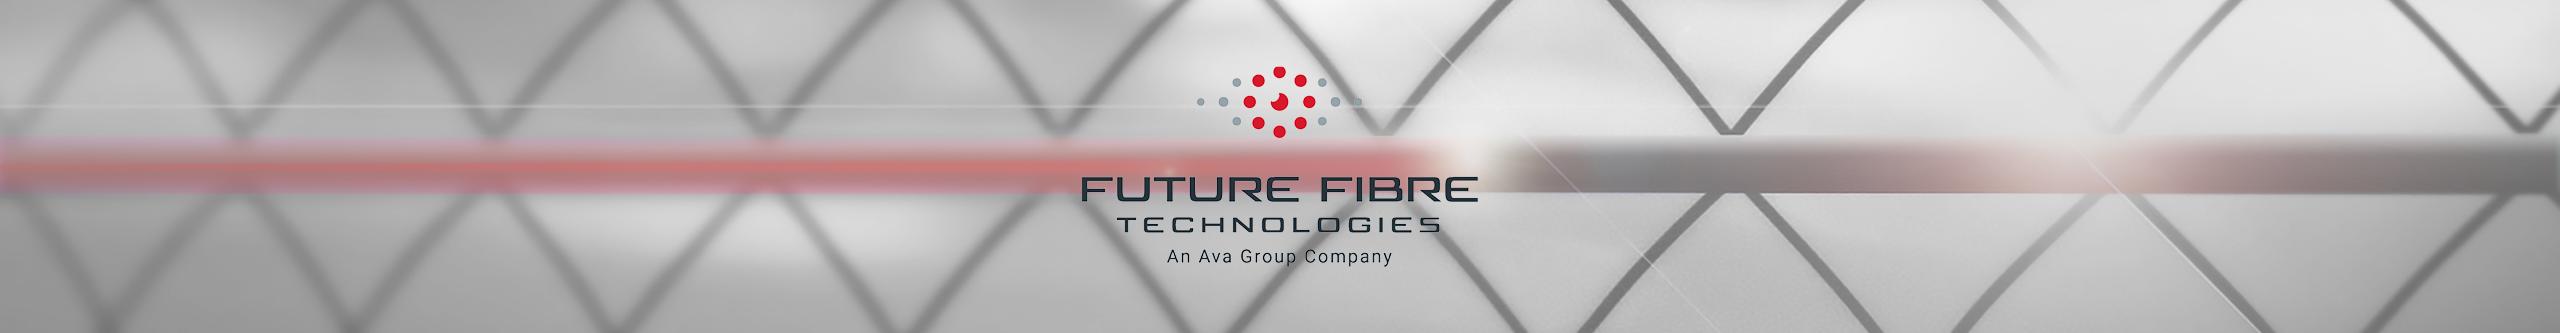 companies slider fft